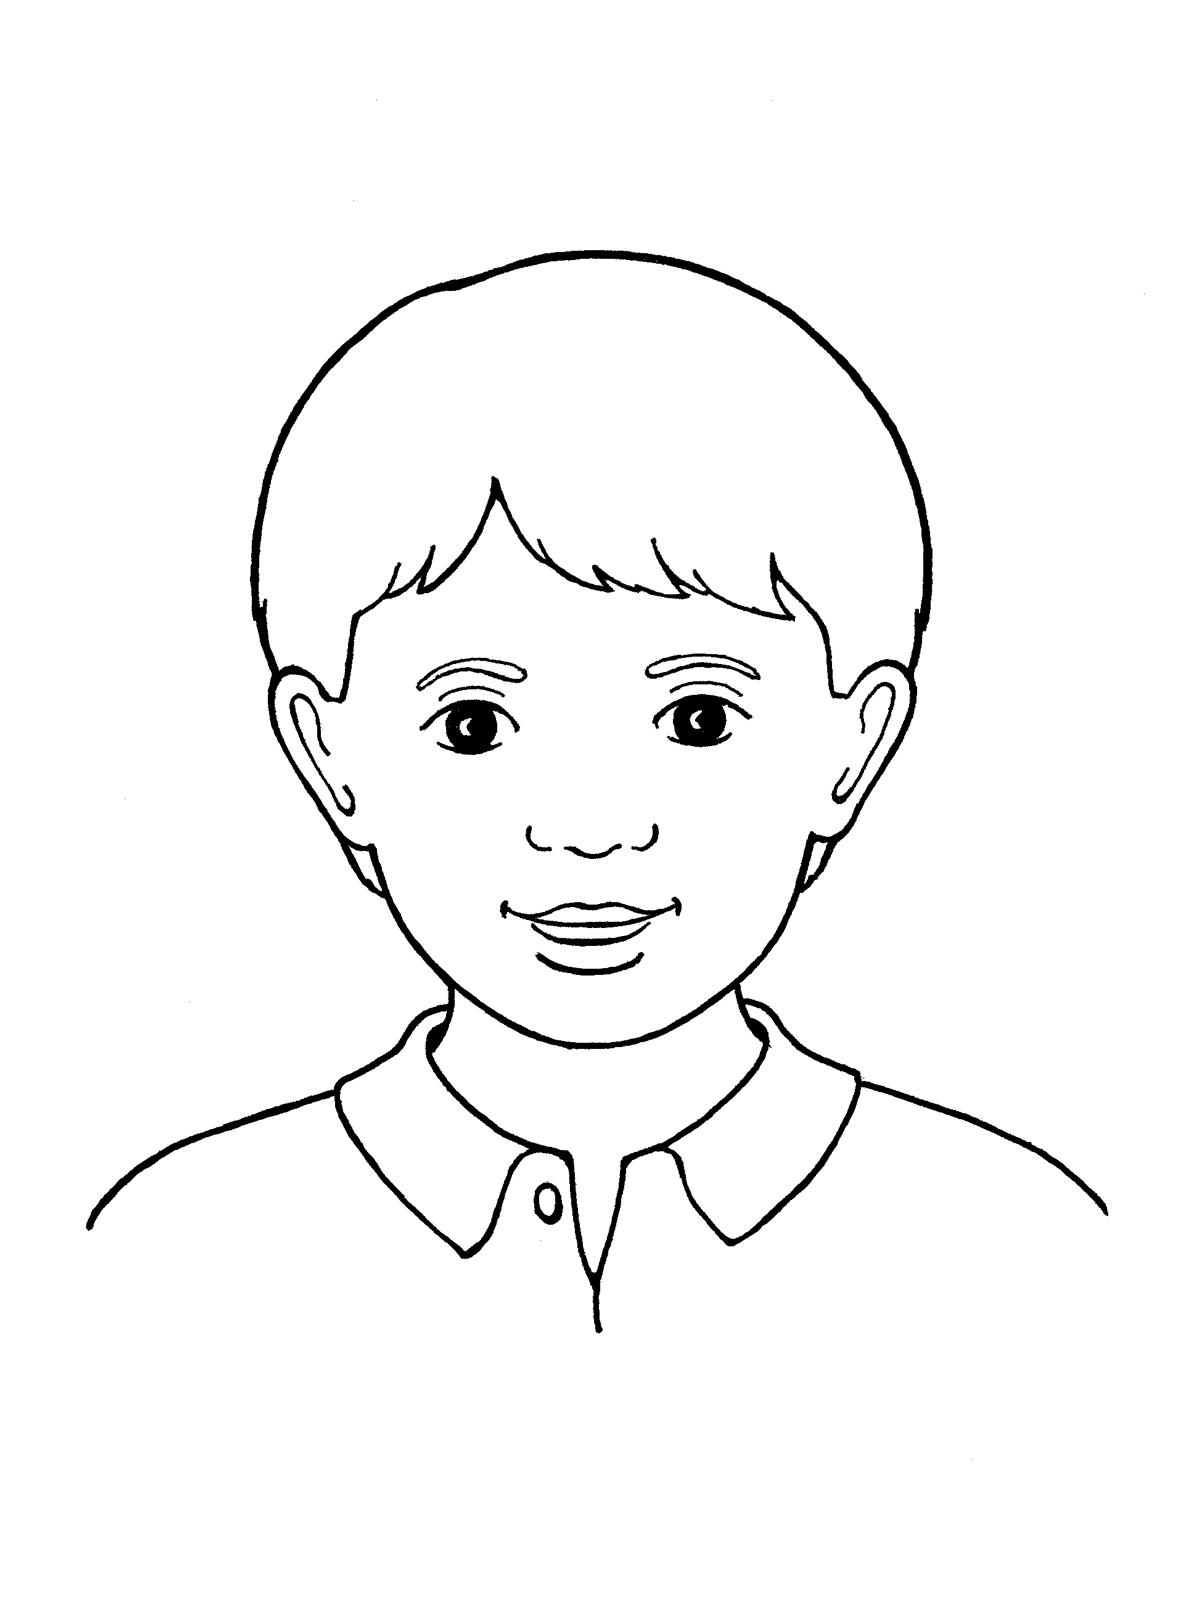 Primary Boy #2